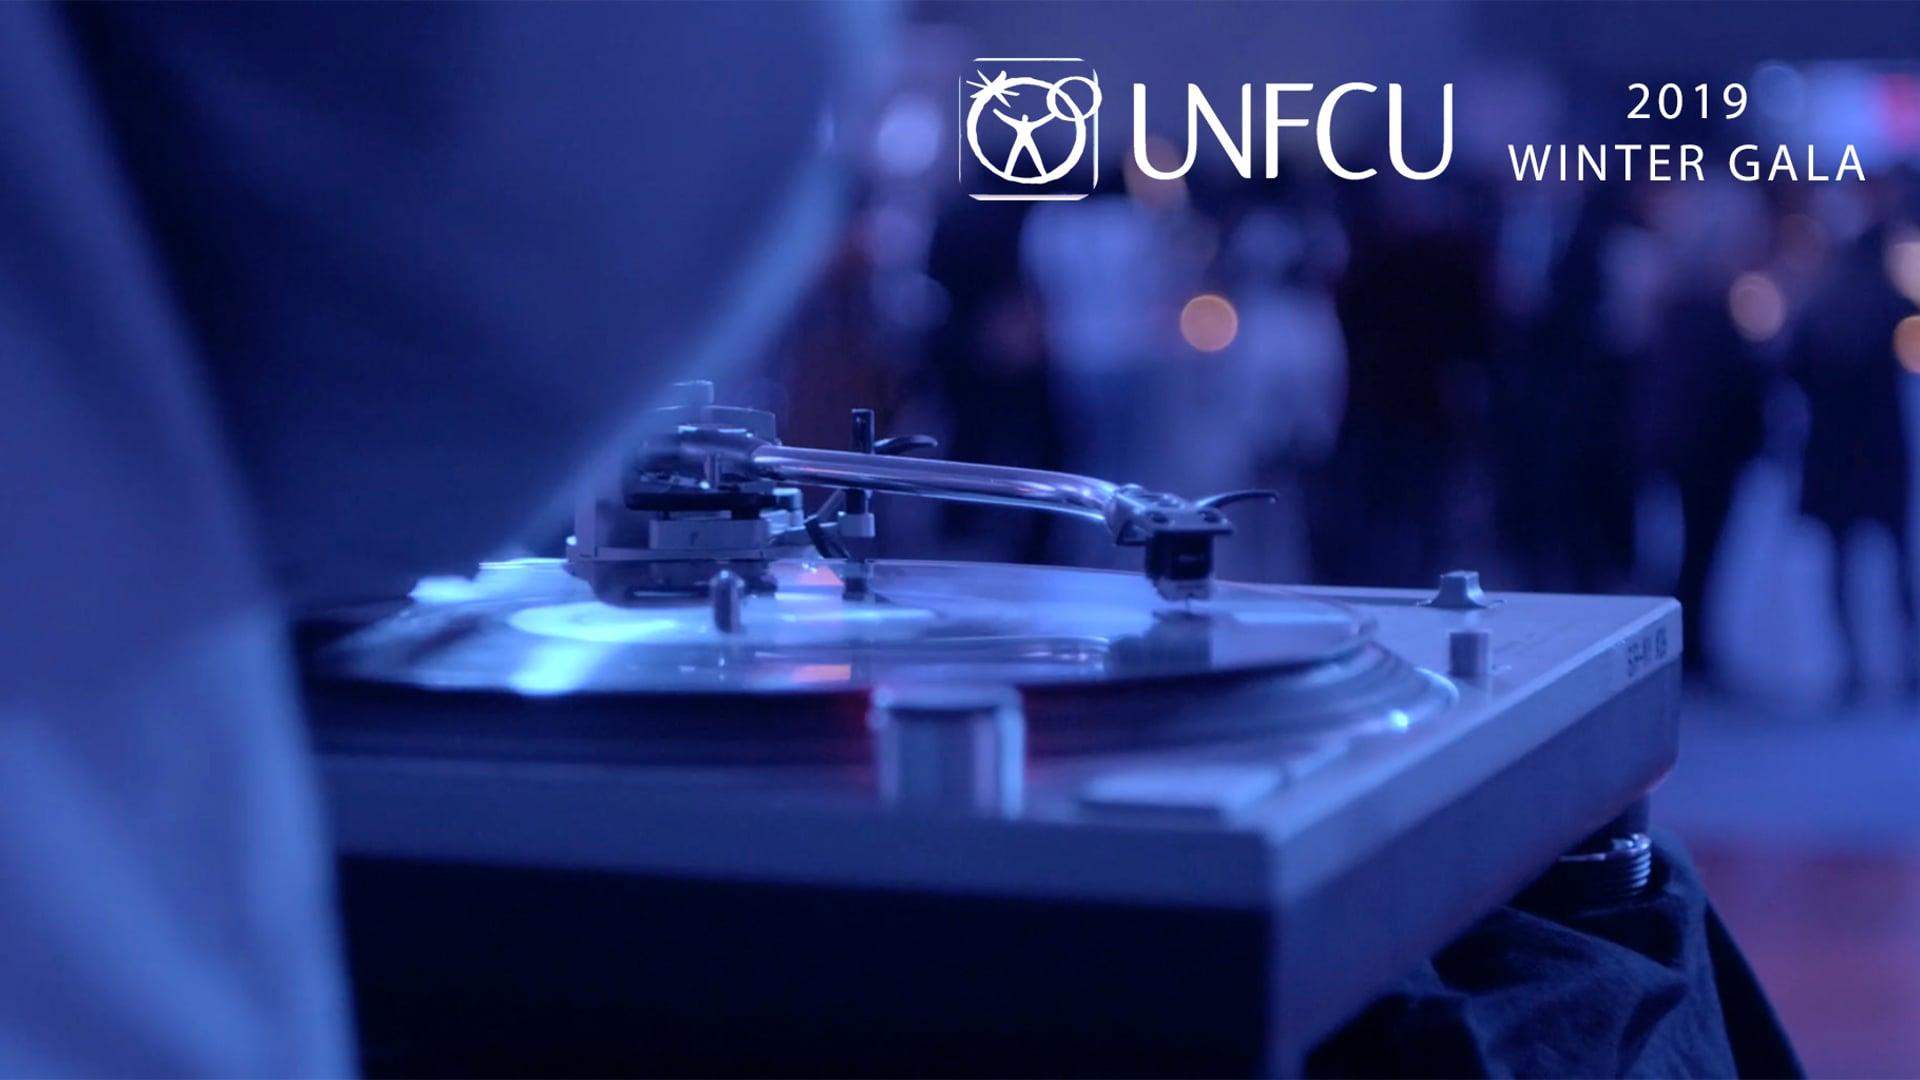 UNFCU 2019 GALA